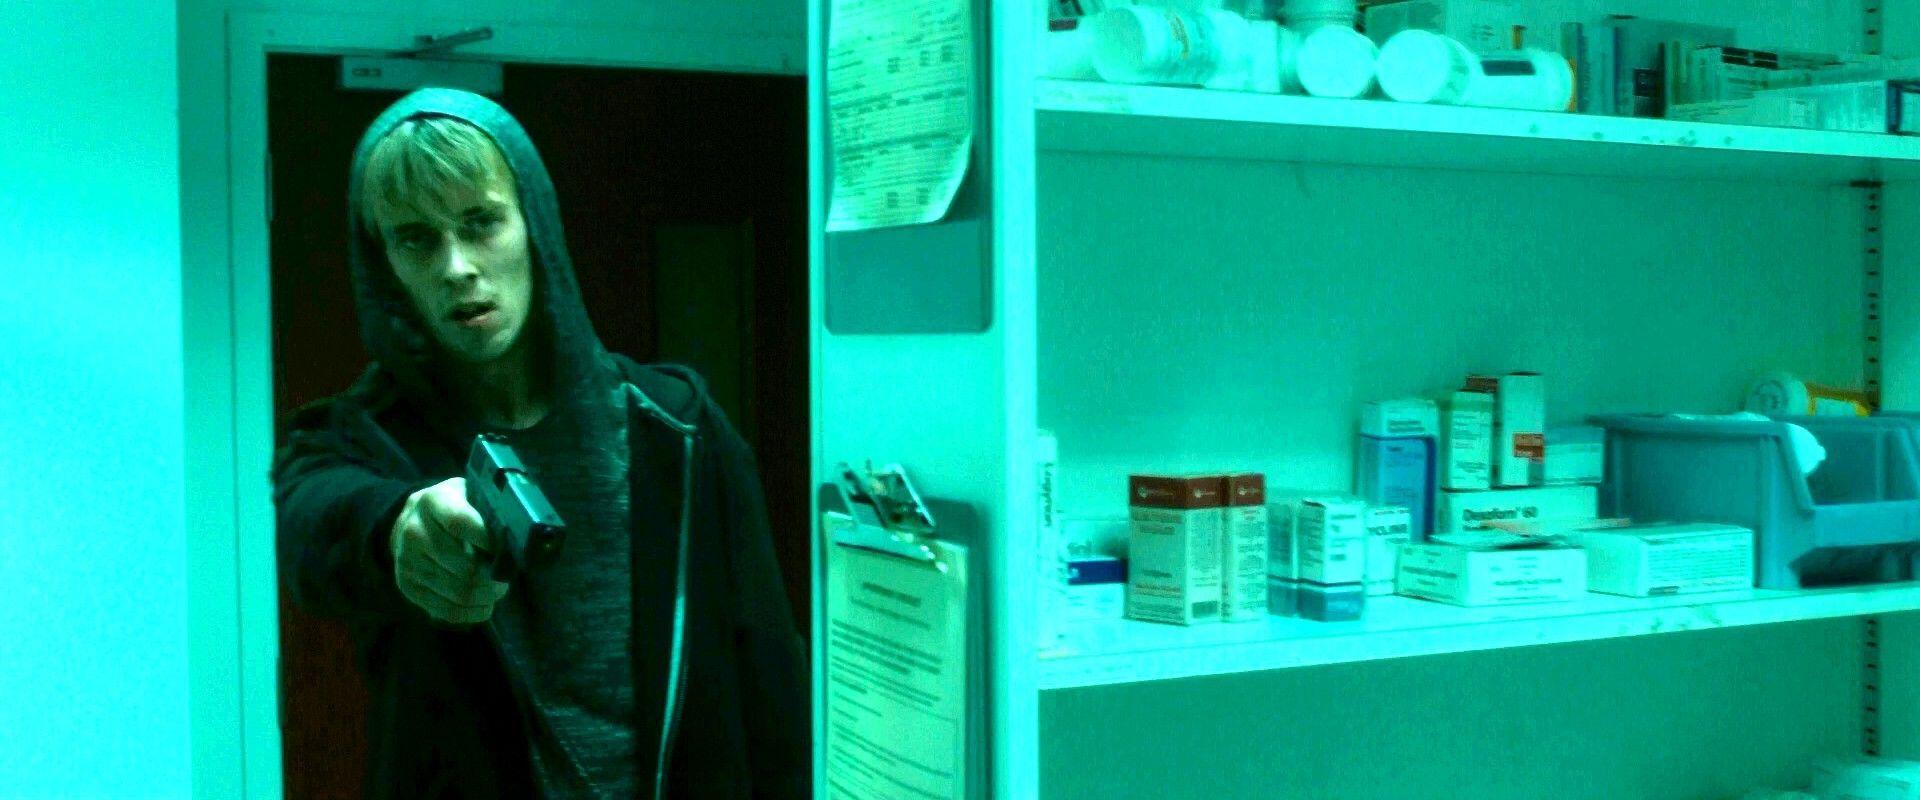 Comenzáis a abasteceros de provisiones. Un hombre con una pistola os mata para robar vuestra comida y medicamentos. Has muerto.